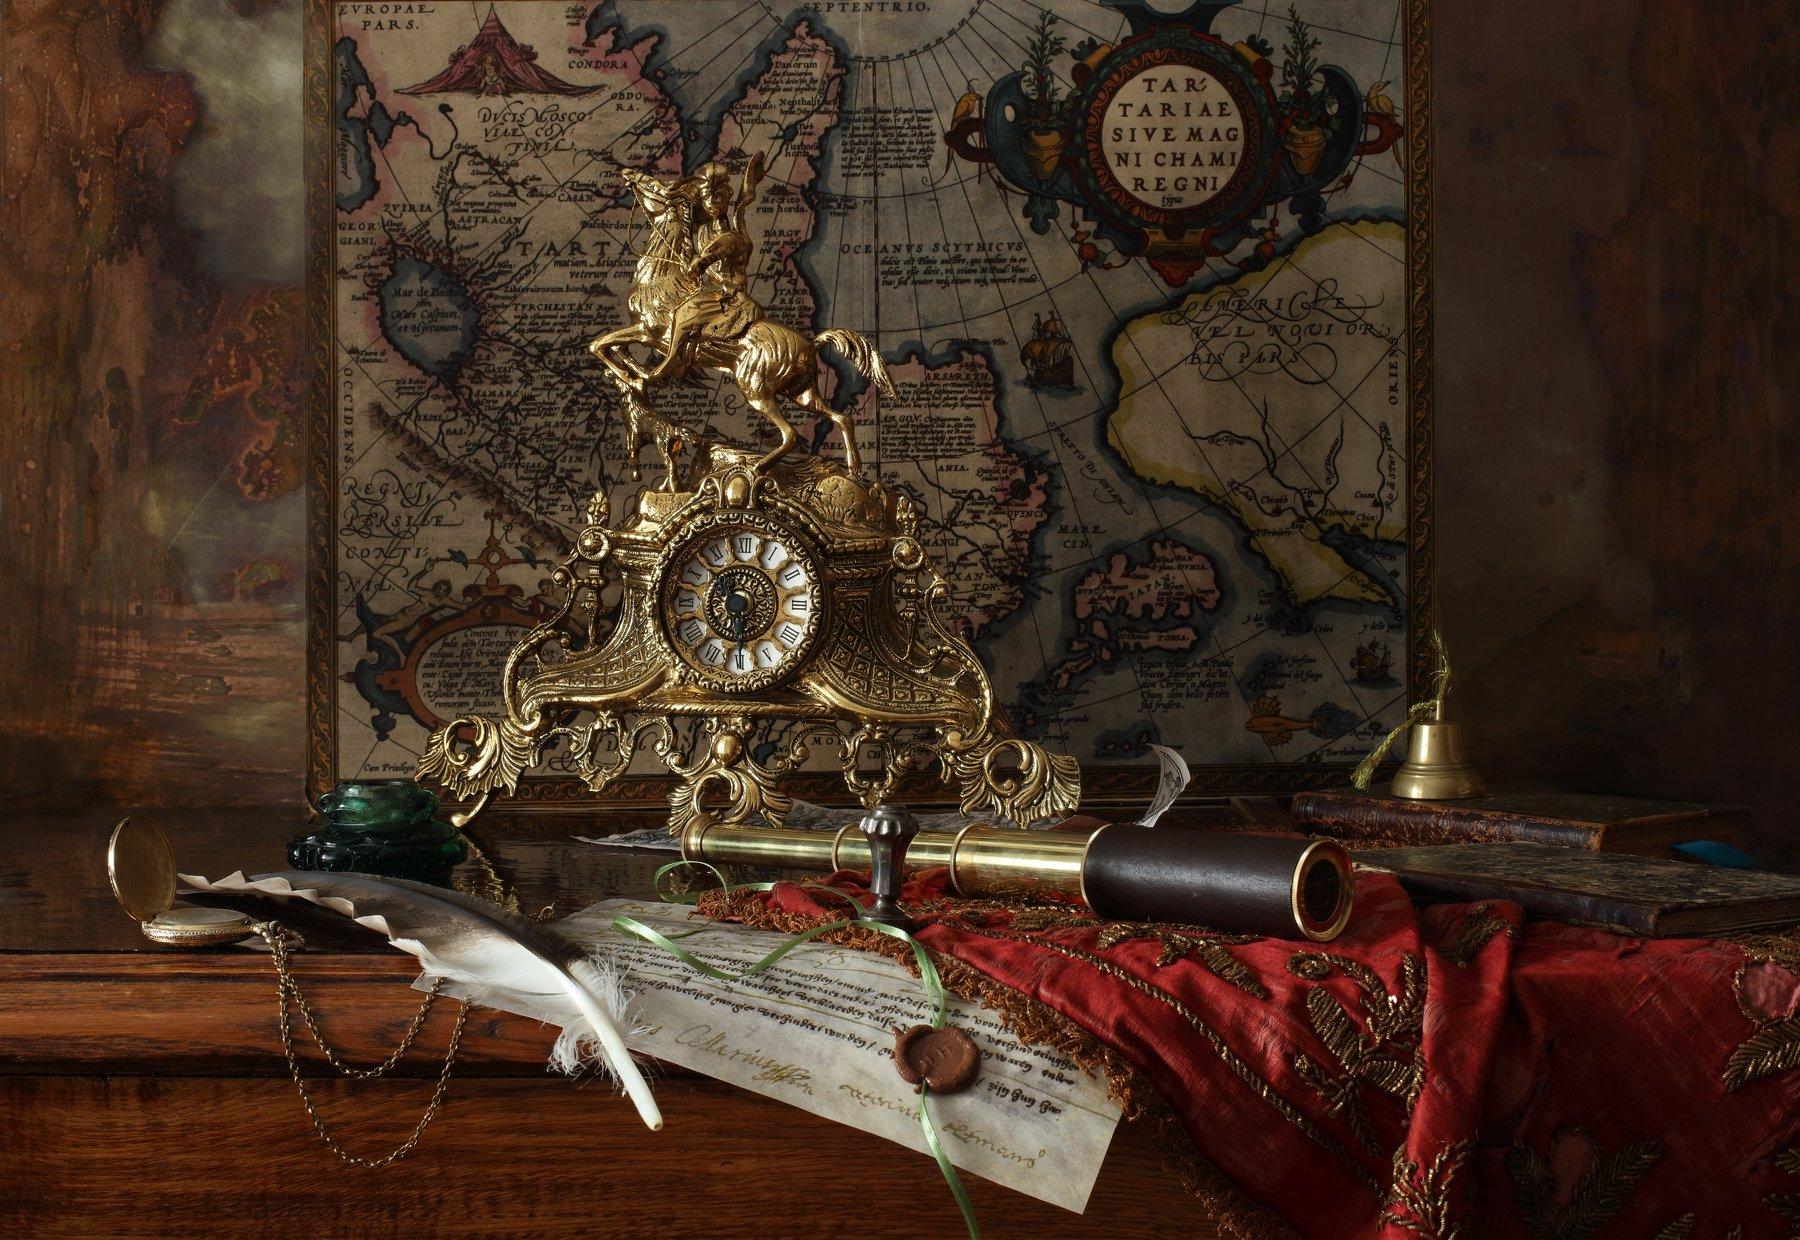 карта, книги, часы, история, Андрей Морозов